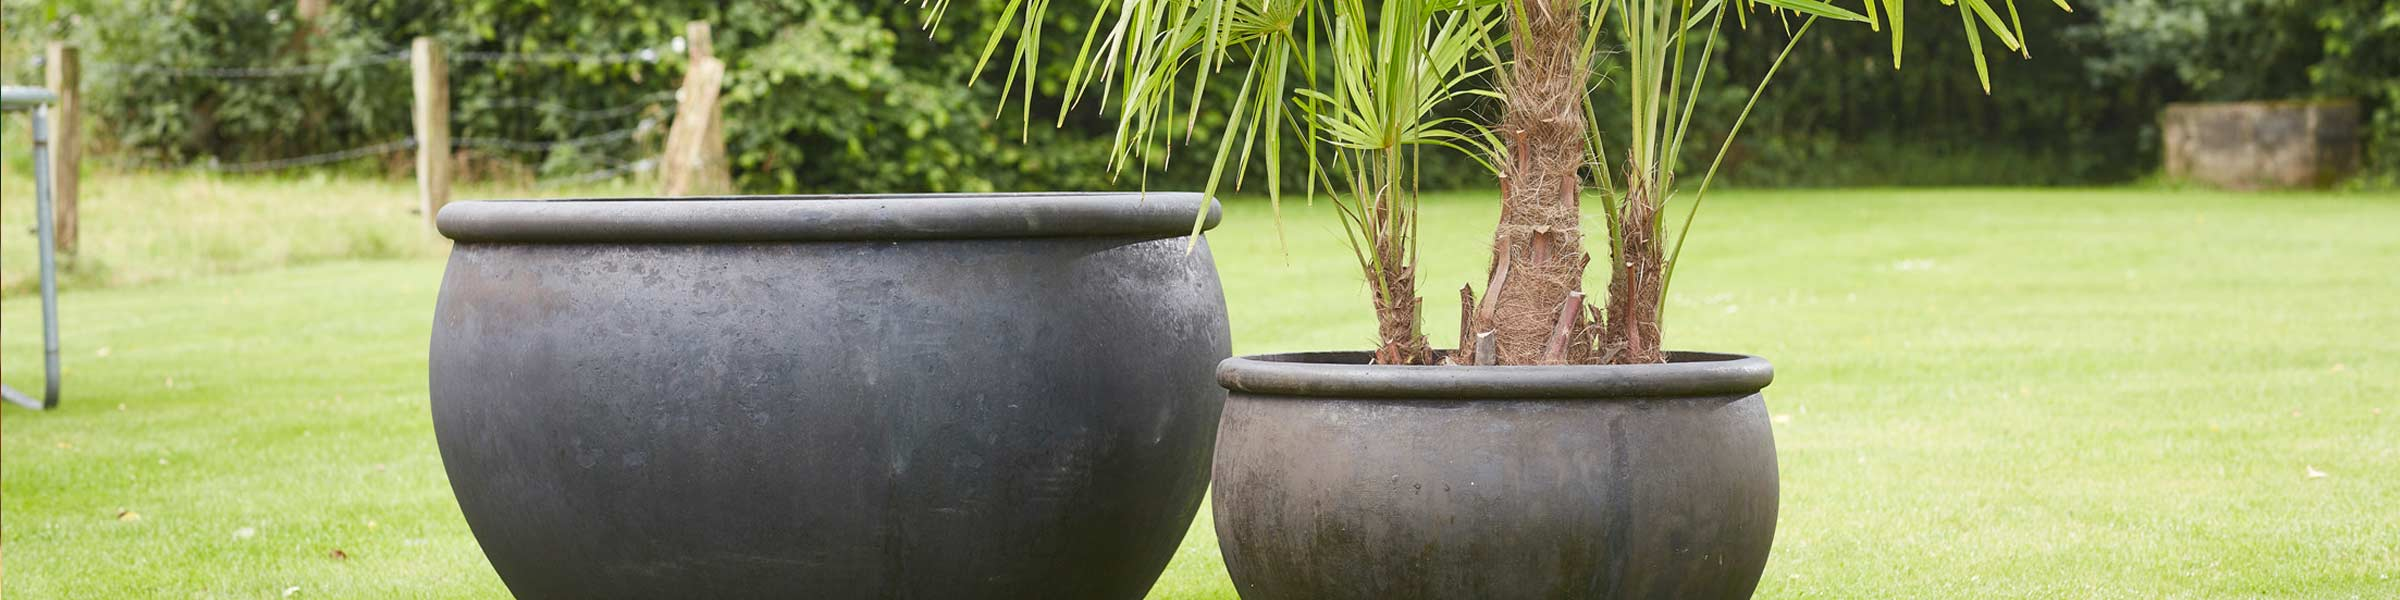 pflanzt pfe bei dehner kaufen top auswahl online dehner. Black Bedroom Furniture Sets. Home Design Ideas